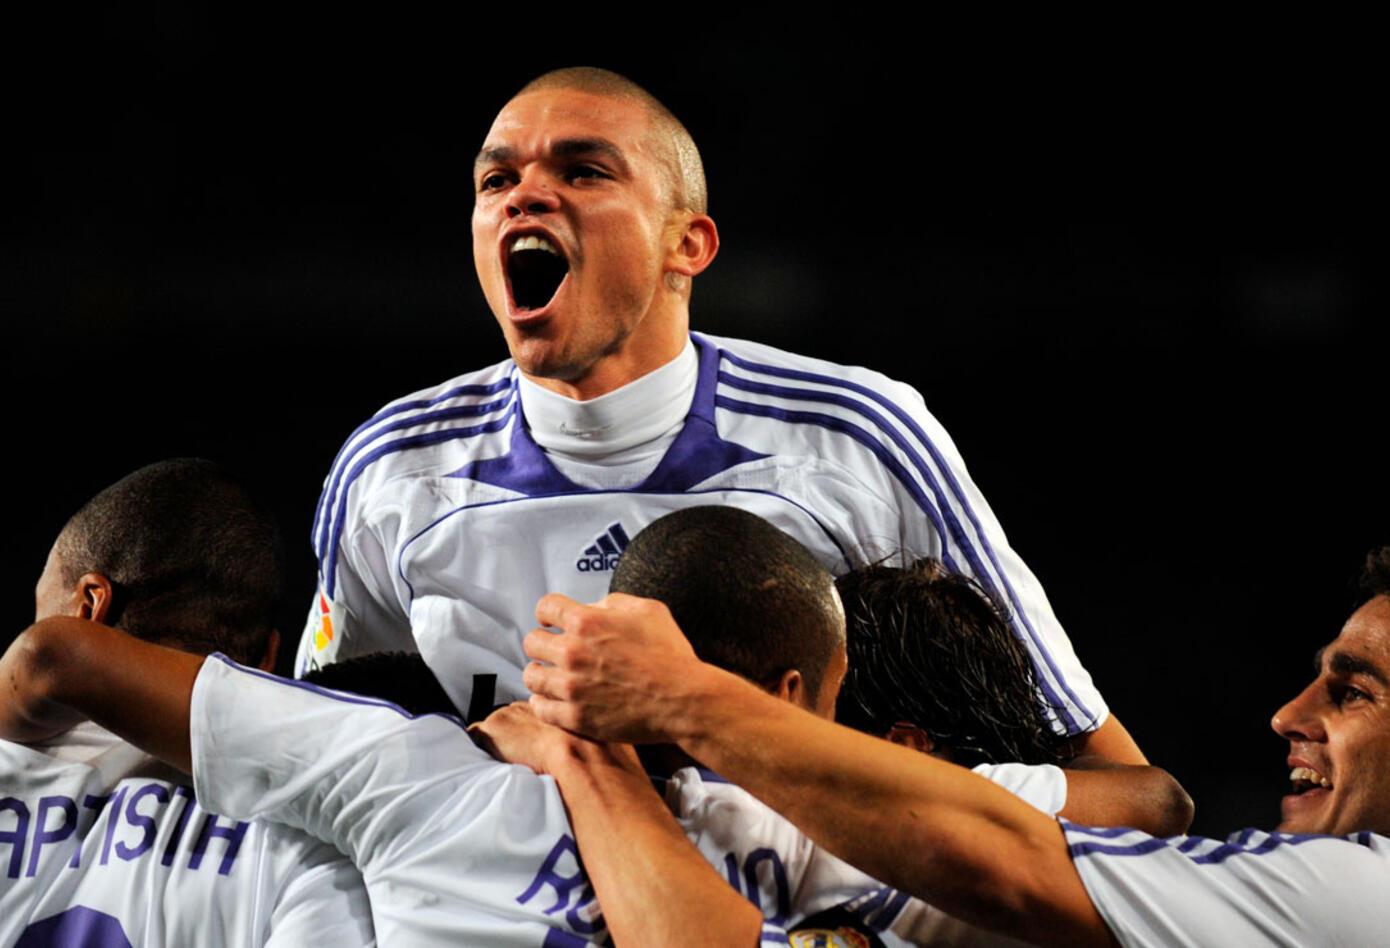 Un joven Pepe acababa de ser fichado por el Real Madrid, club en el cual militó hasta 2017